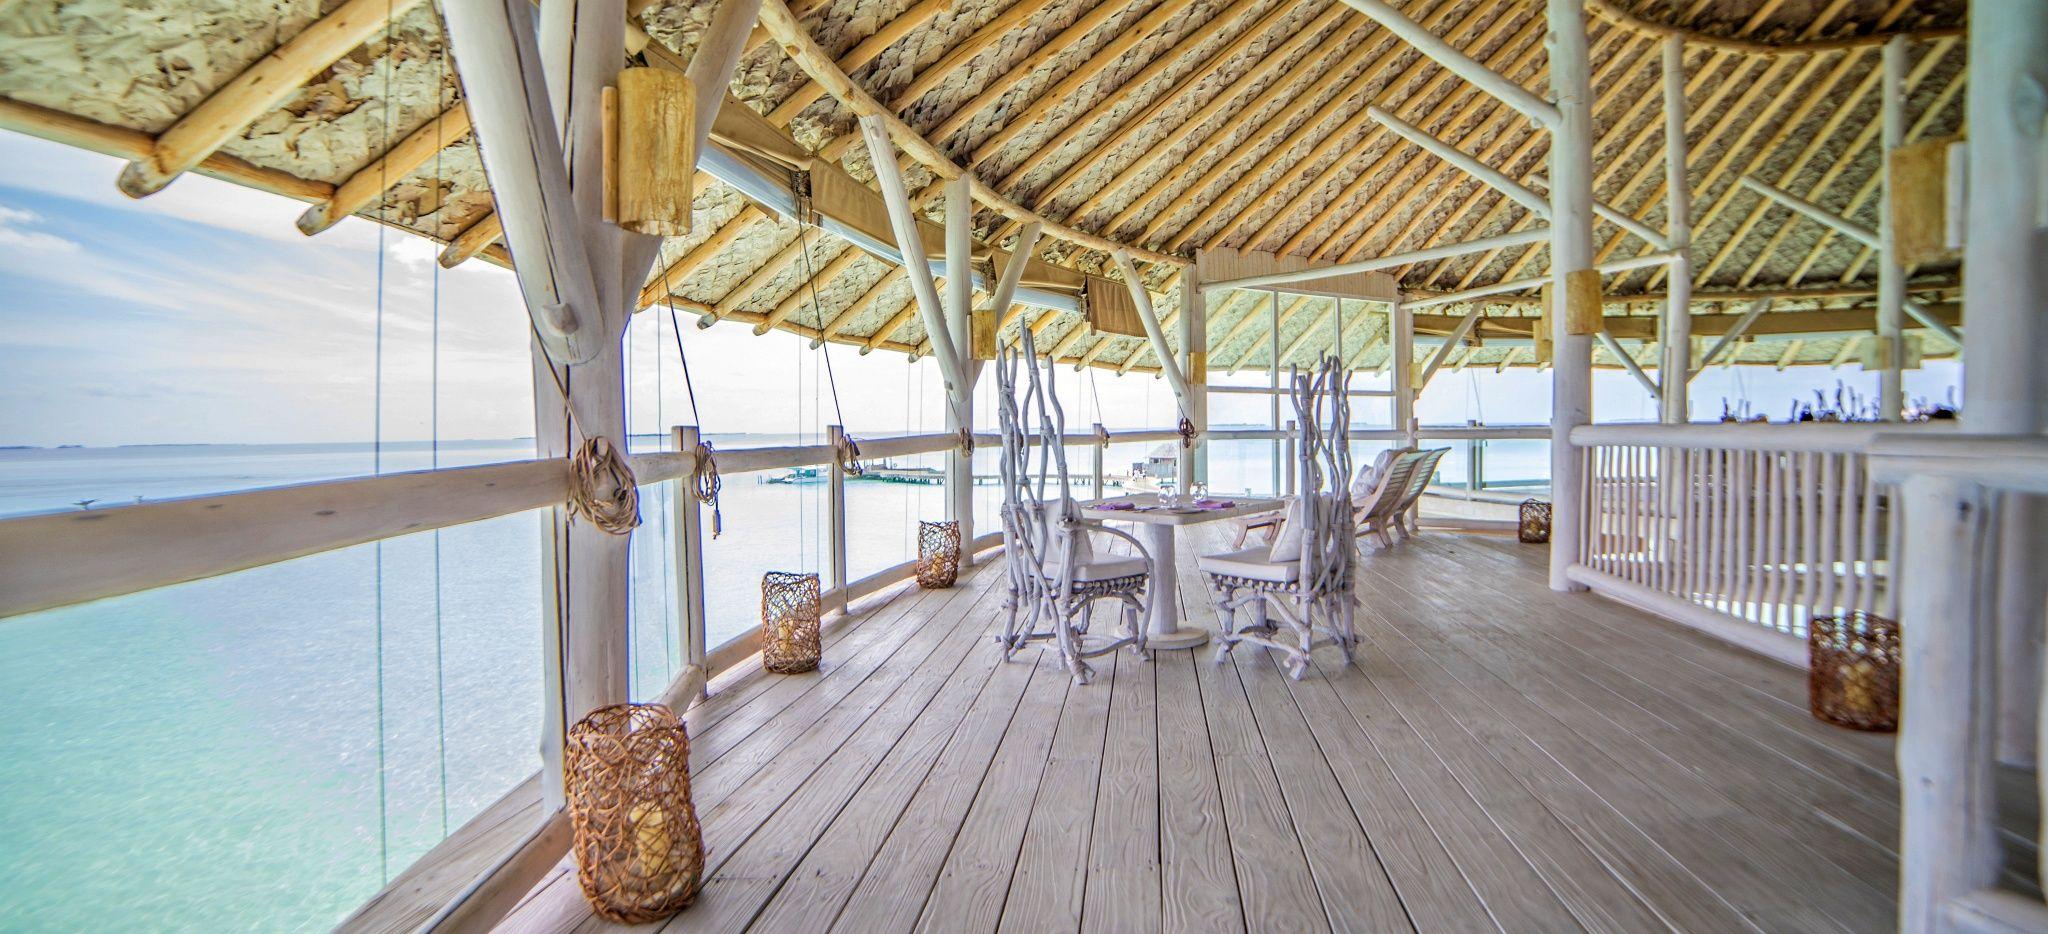 Ein mit weißem, hellen Holz verkleidetes Restaurant mit Blick auf as Meer der Malediven